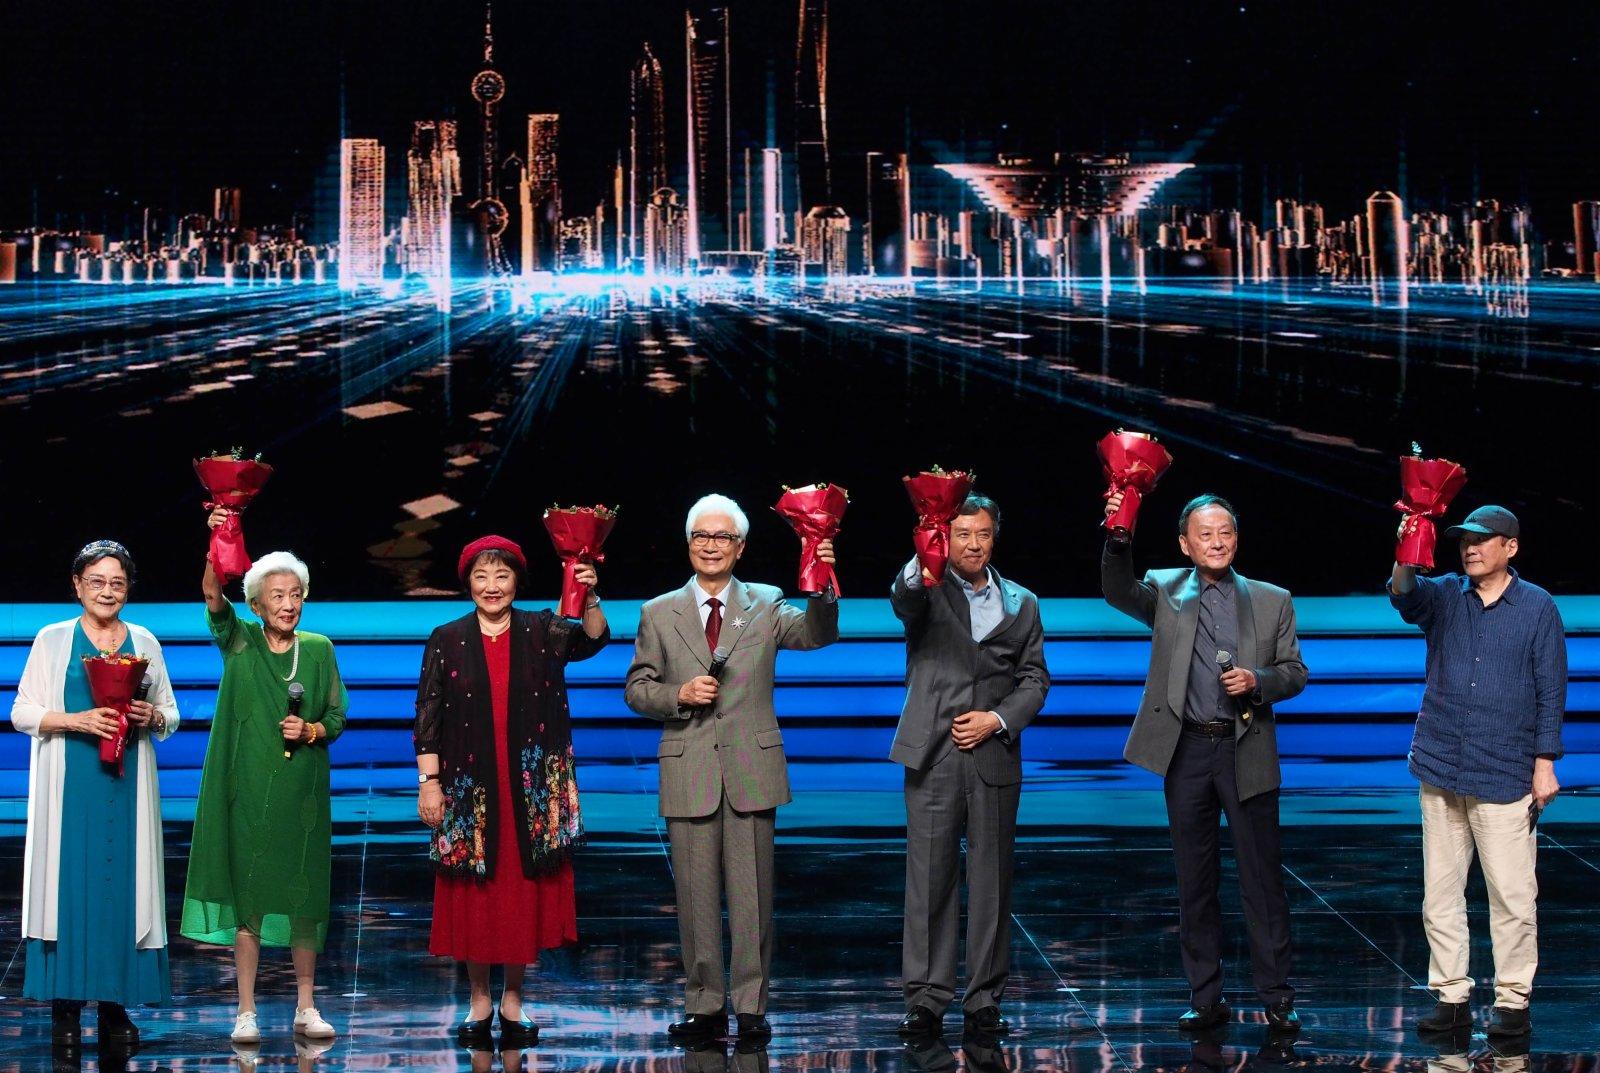 6月19日,電影藝術家王曉棠、謝芳、祝希娟、梁波羅、達式常、童自榮、鄭大里(自左至右)在頒獎典禮上。(新華社)